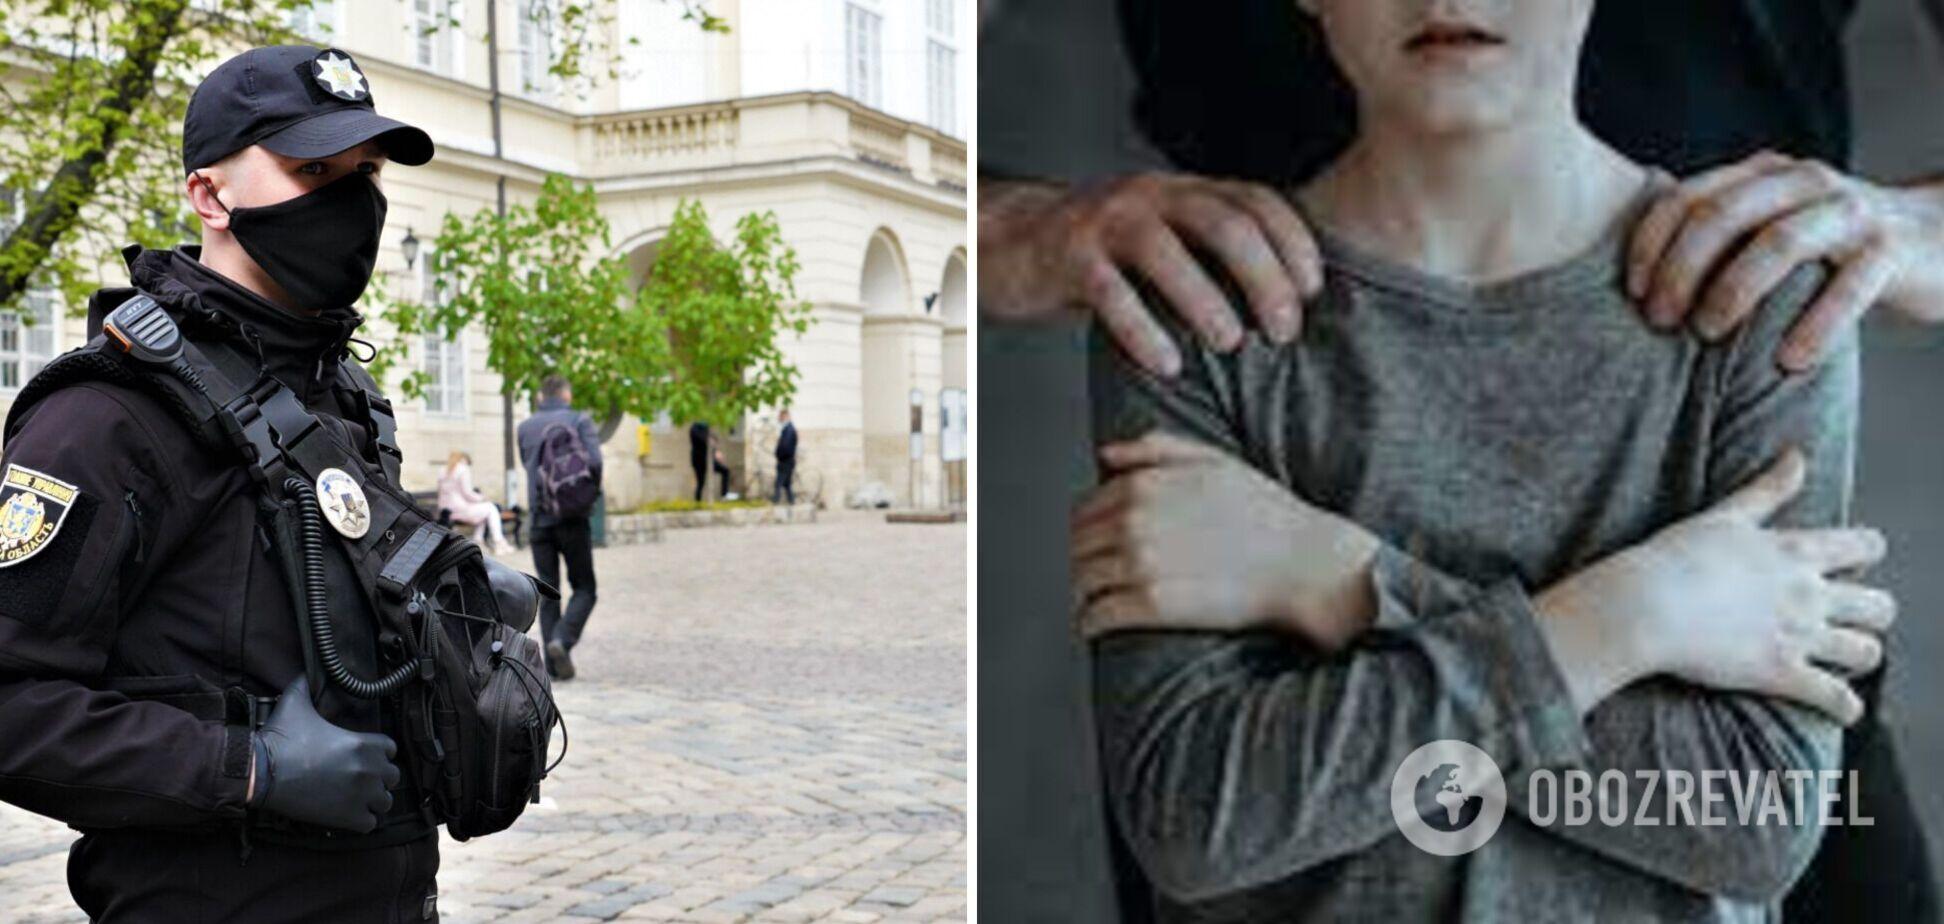 На Львовщине задержан педофил, которого подозревают в 19 случаях изнасилований и совращений детей